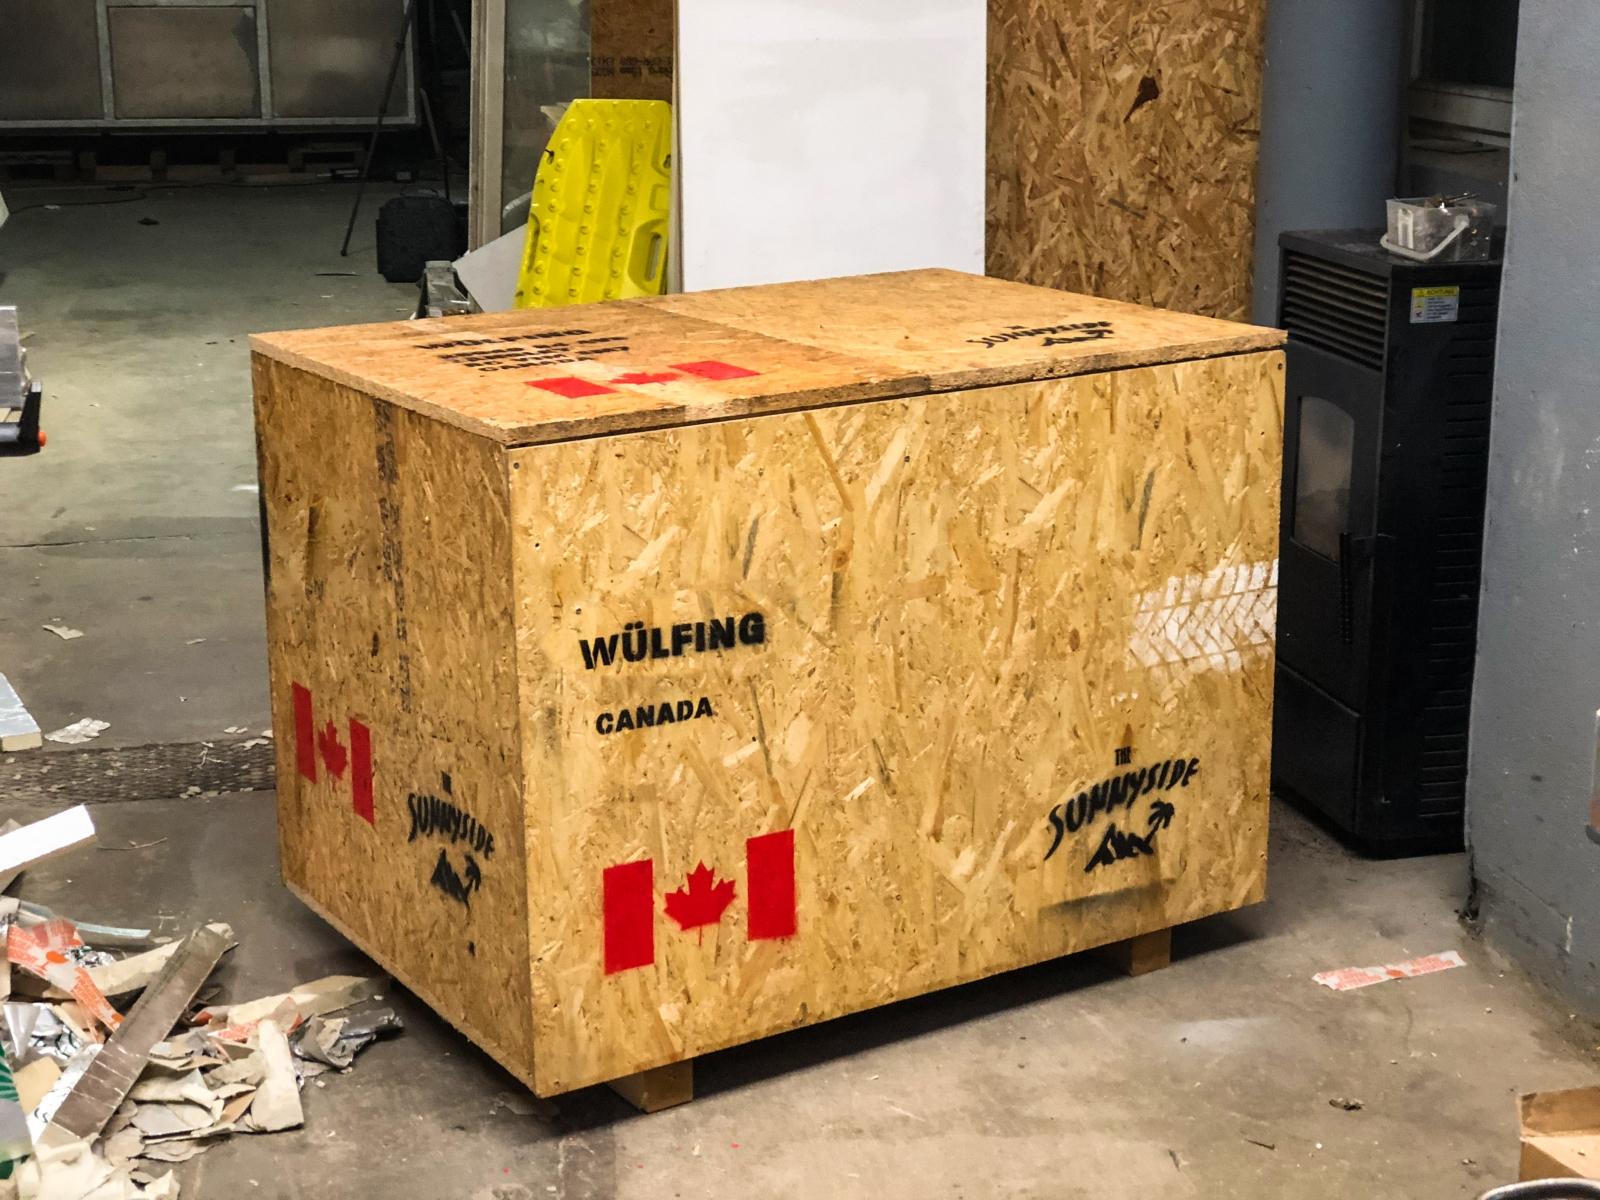 The Sunnyside - Fertig zum Versand. Teile für Willi, der in Vancouver wartet.